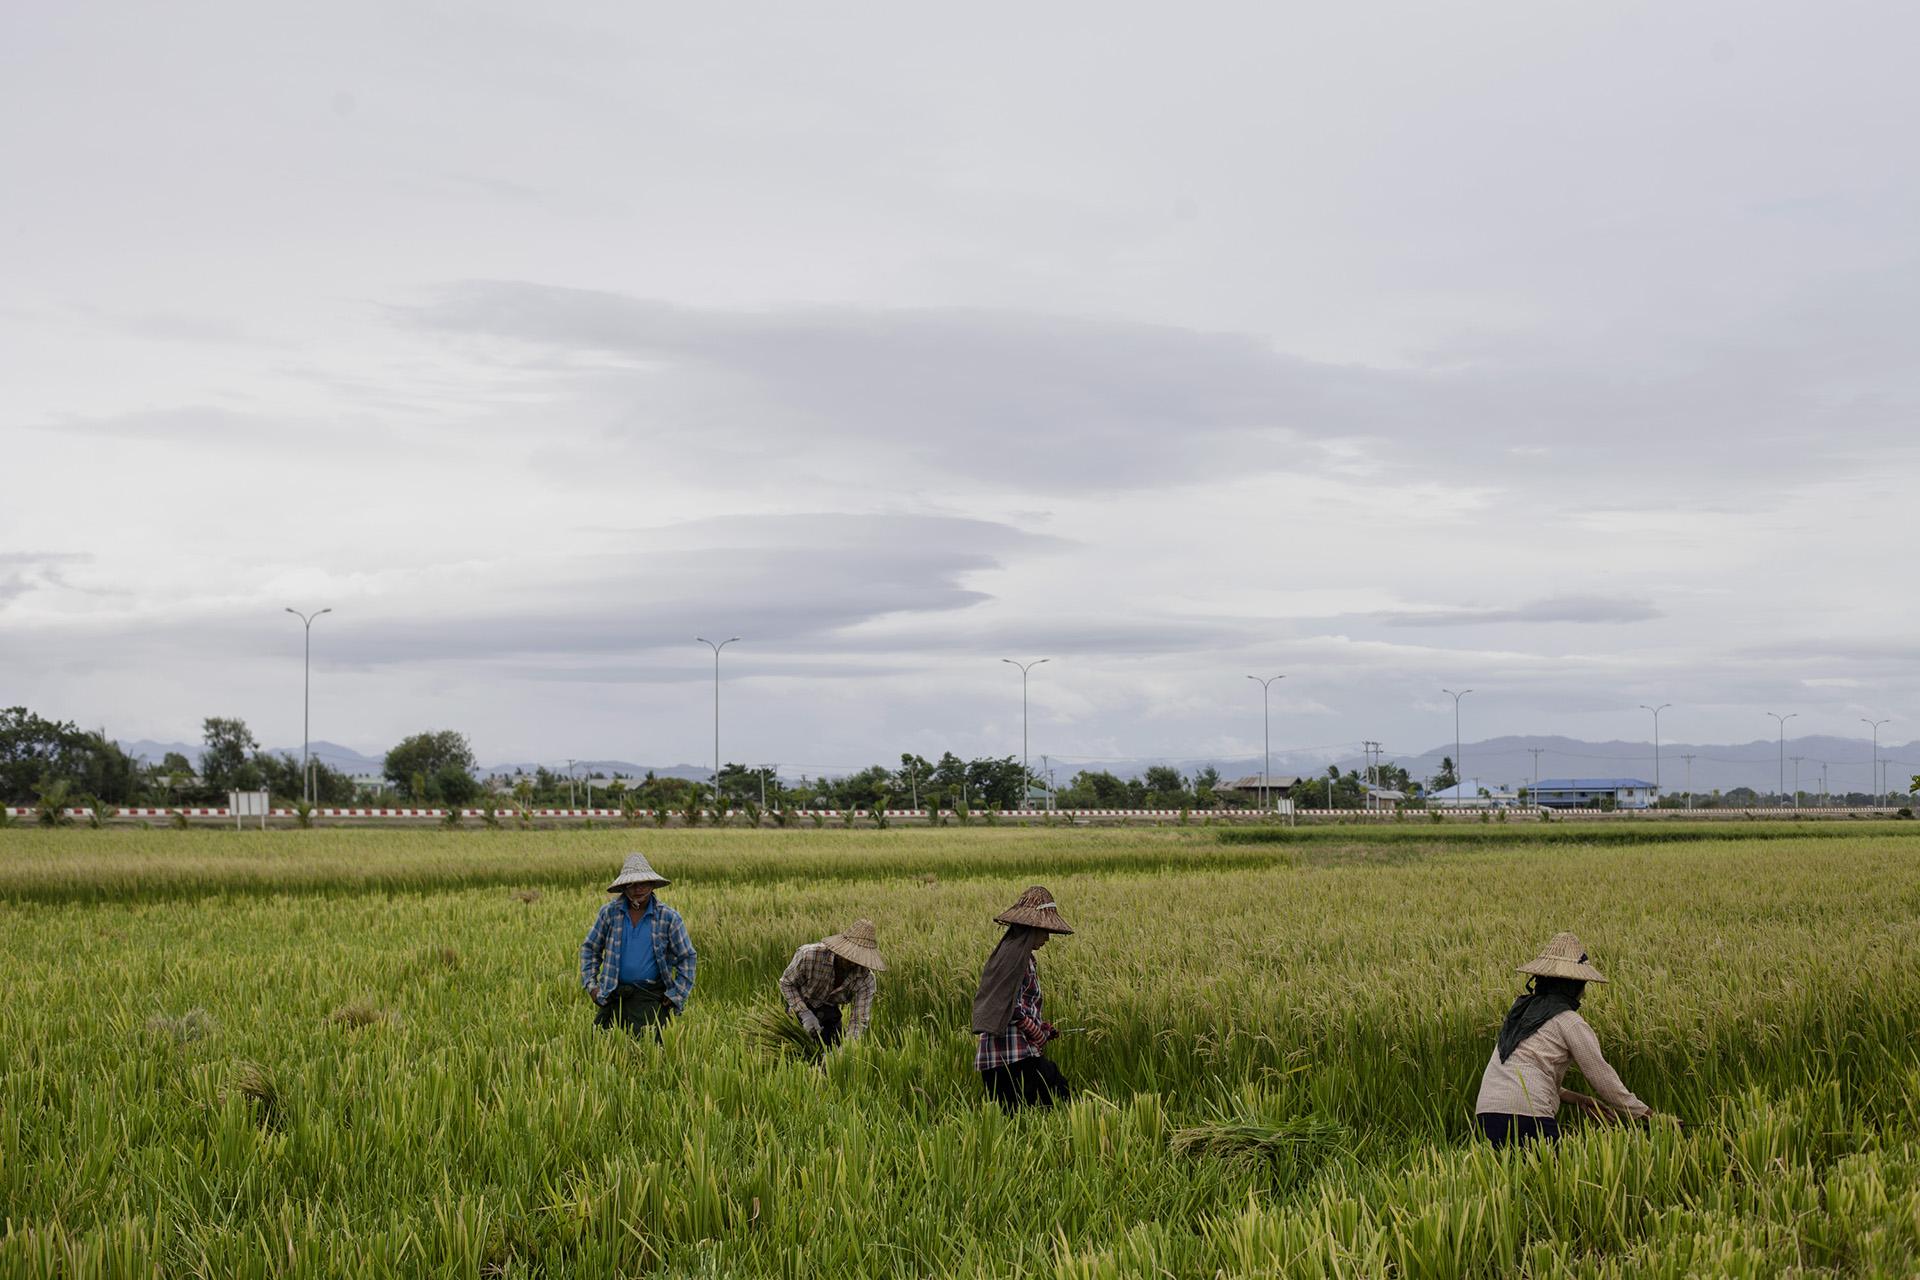 Dans certaines zones de la ville, les rizières occupent encore la majorité de l'espace, les populations déplacées ont souvent étés relogées dans ces zones. Naypyidaw, Birmanie. Mai 2015.